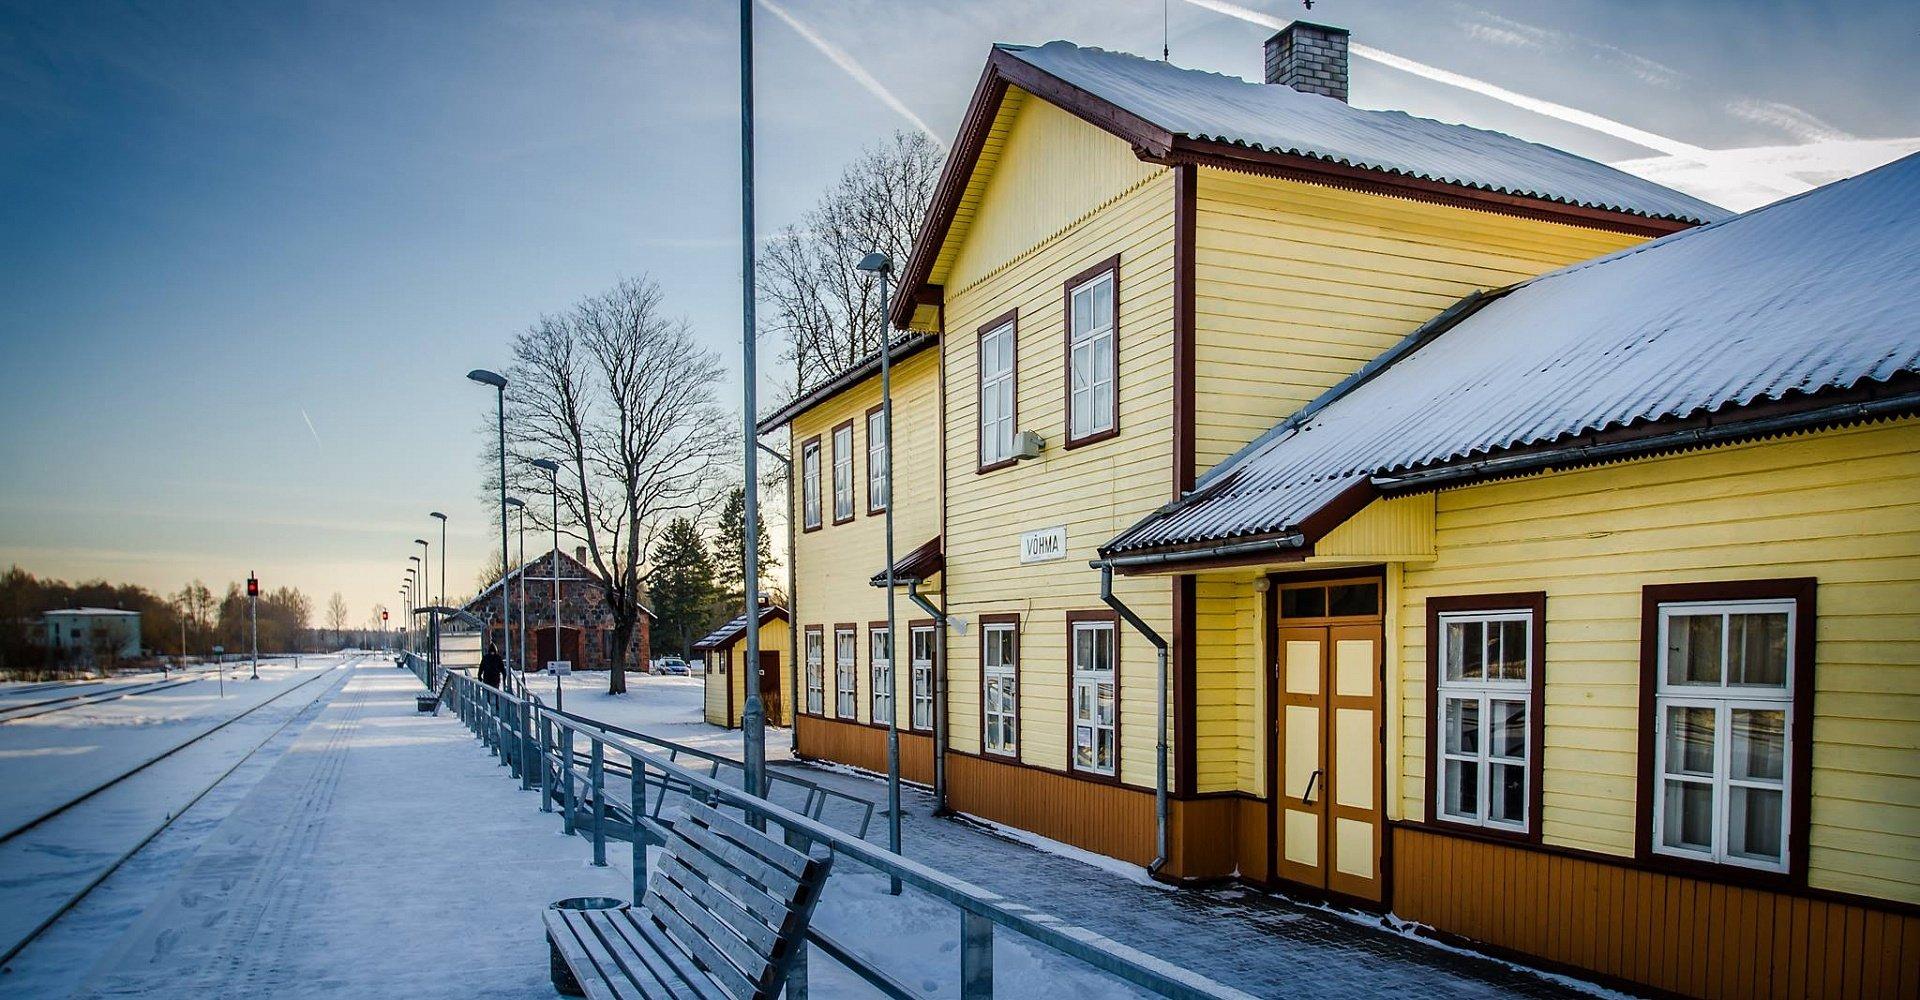 Выхма - Путешествуем по Эстонии